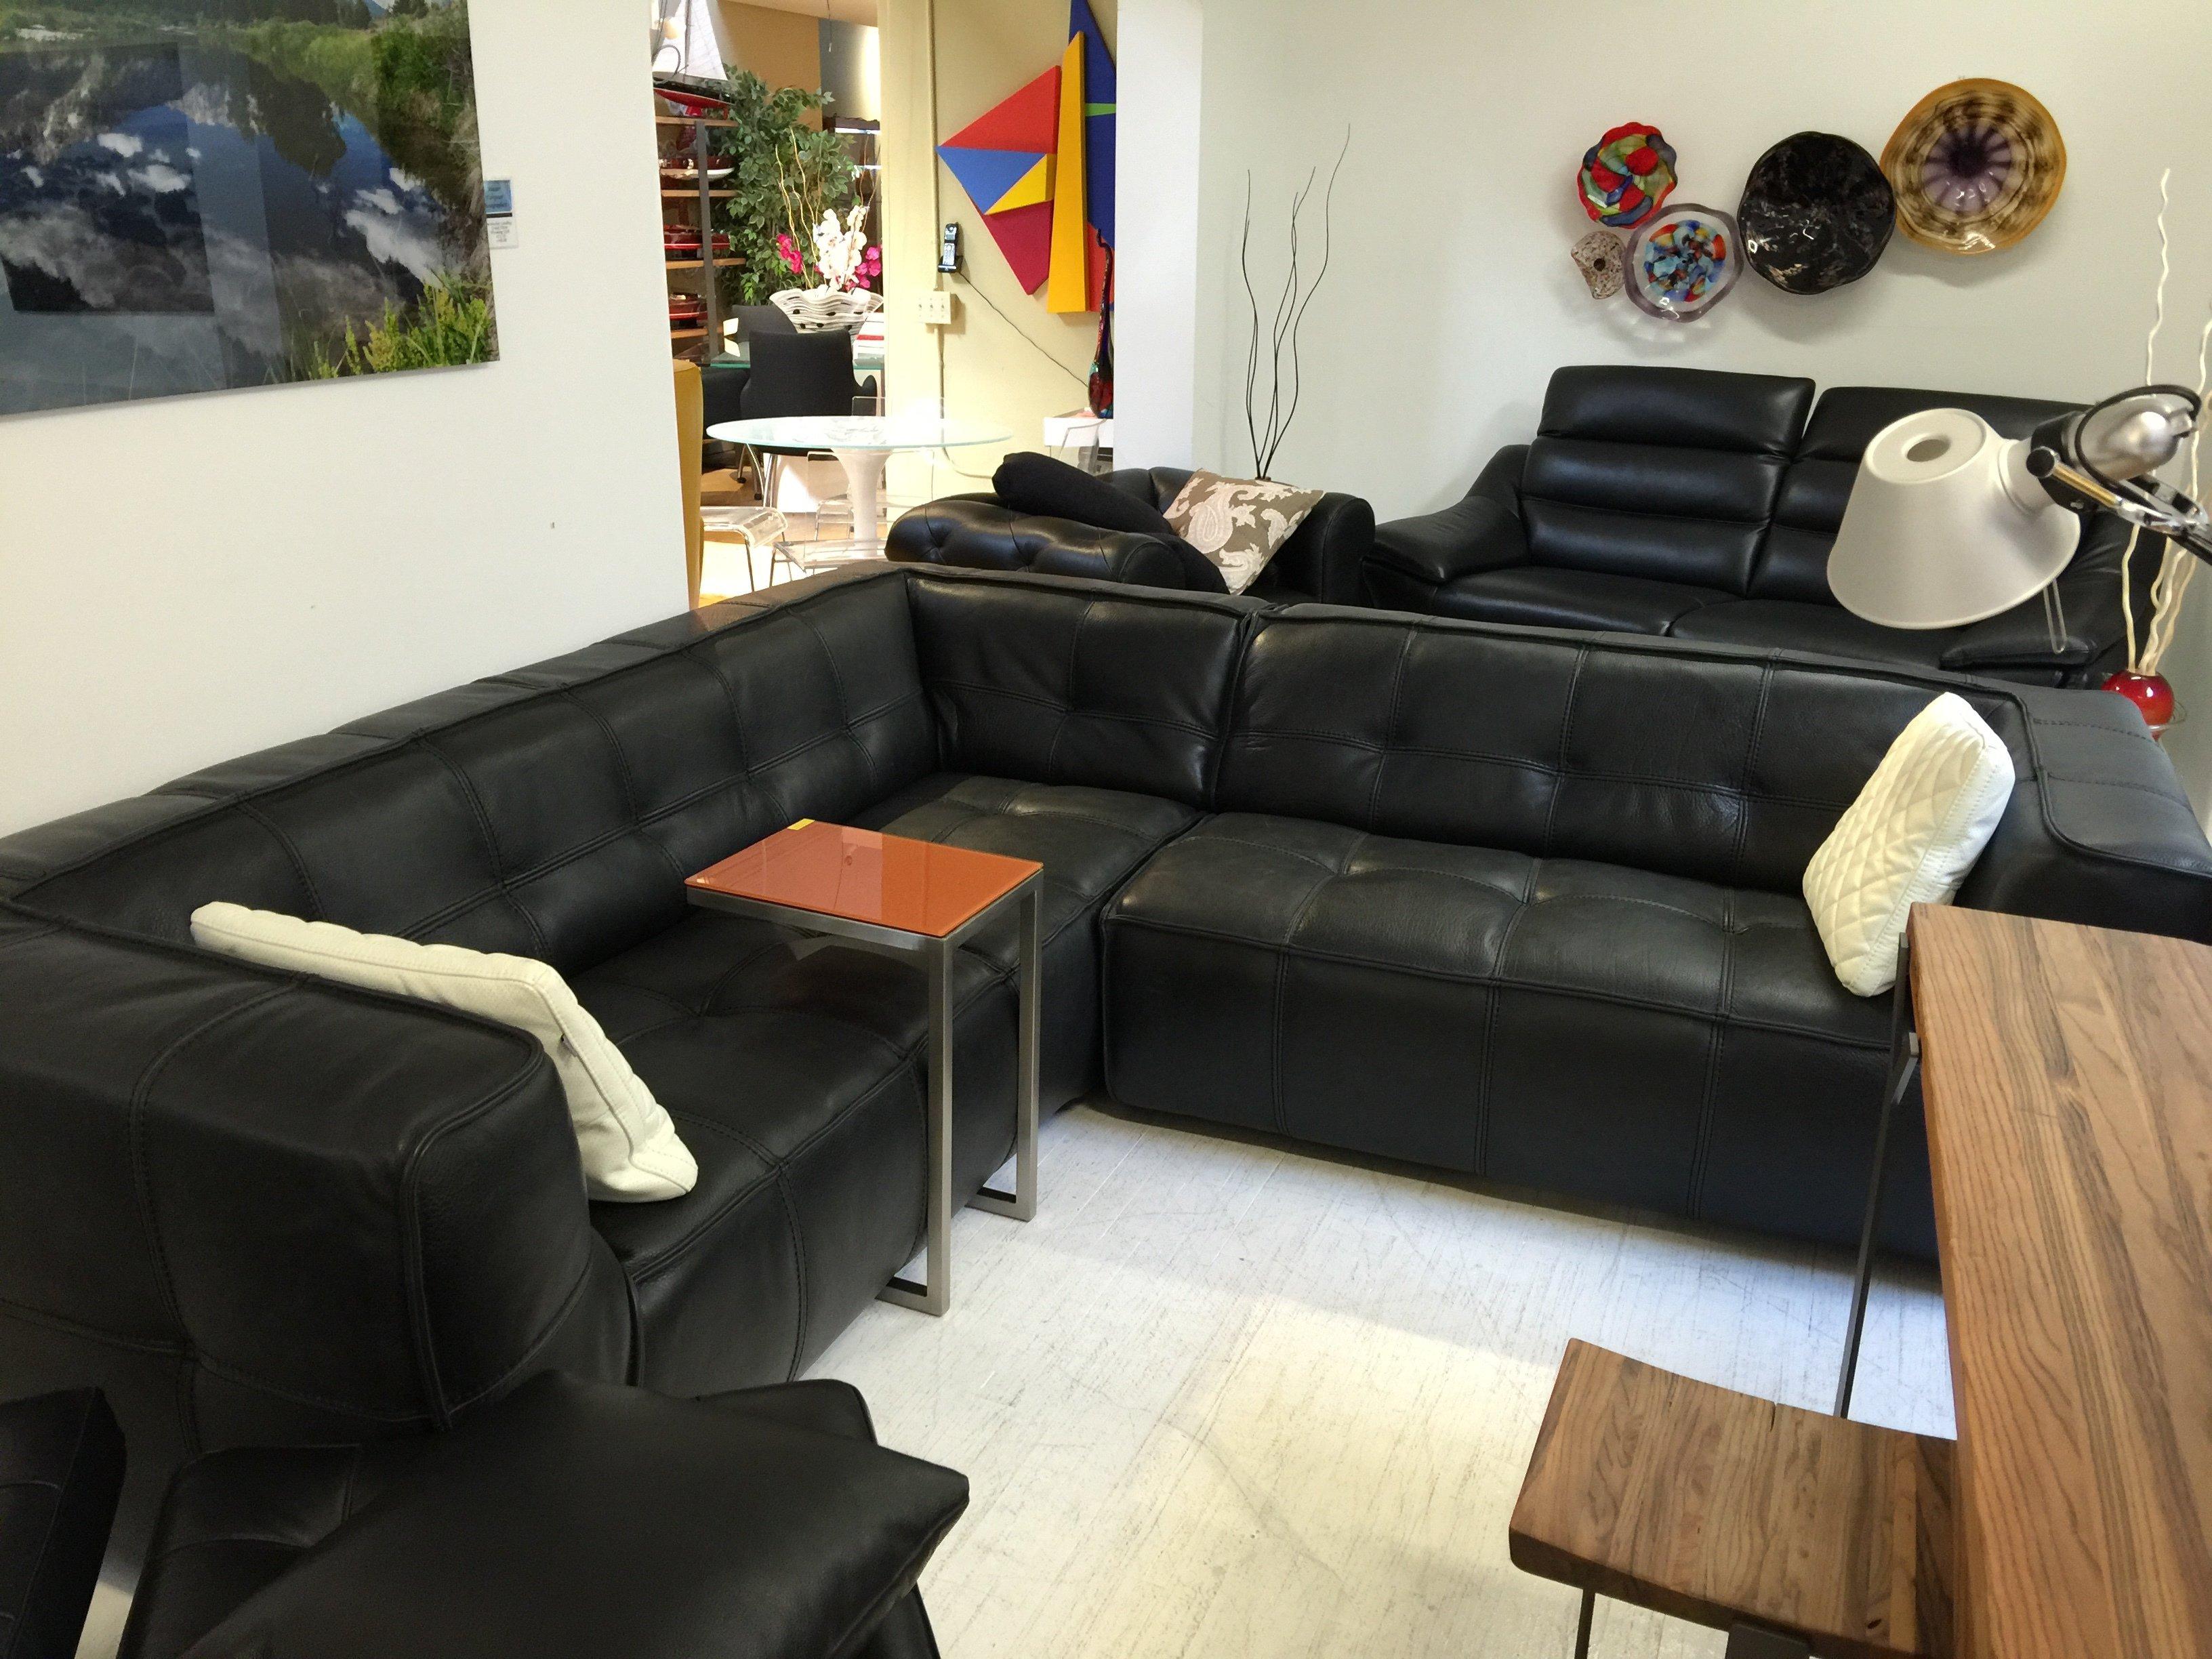 High End Furniture San Francisco Bedroom Furniture Stores San Francisco Eldesignr High End